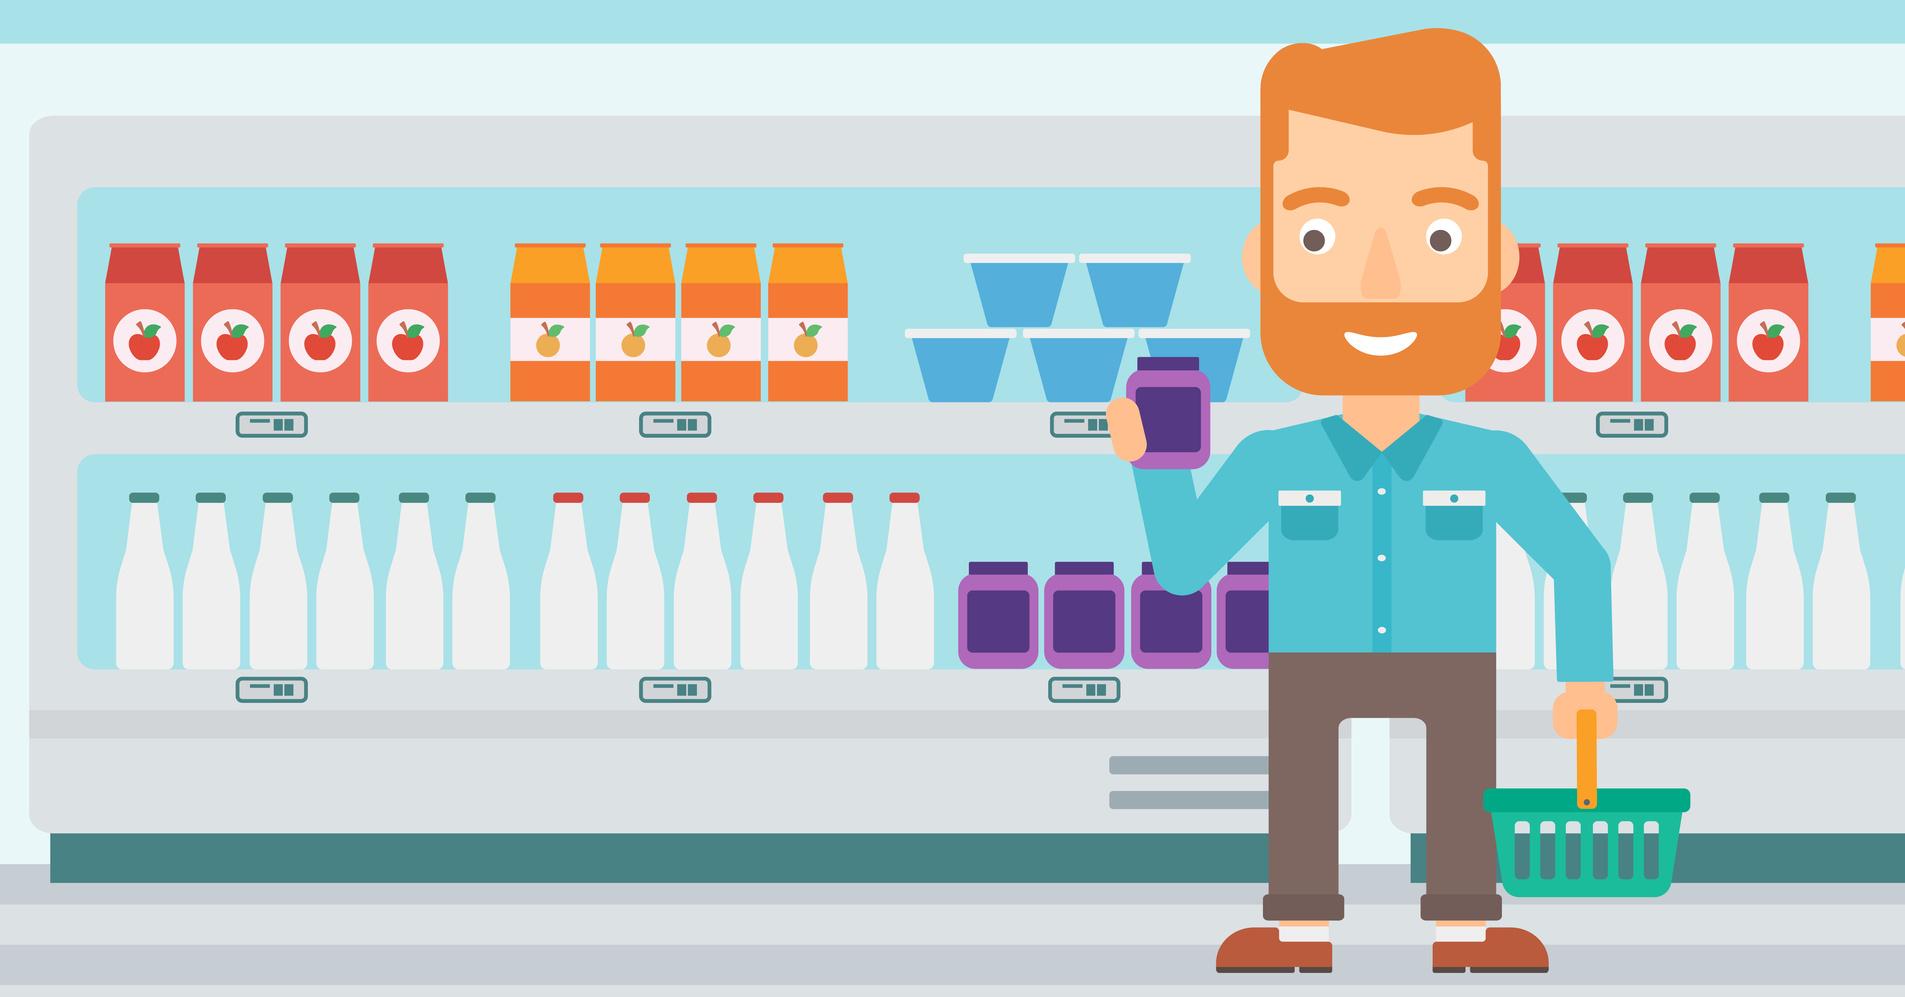 Verpackungen wetteifern um die Aufmerksamkeint der Kunden: Der Trend geht daher zu puristischen Erklärungen und eindeutigen Aussagen über Inhaltsstoffe und Produkteigenschaften. (#01)